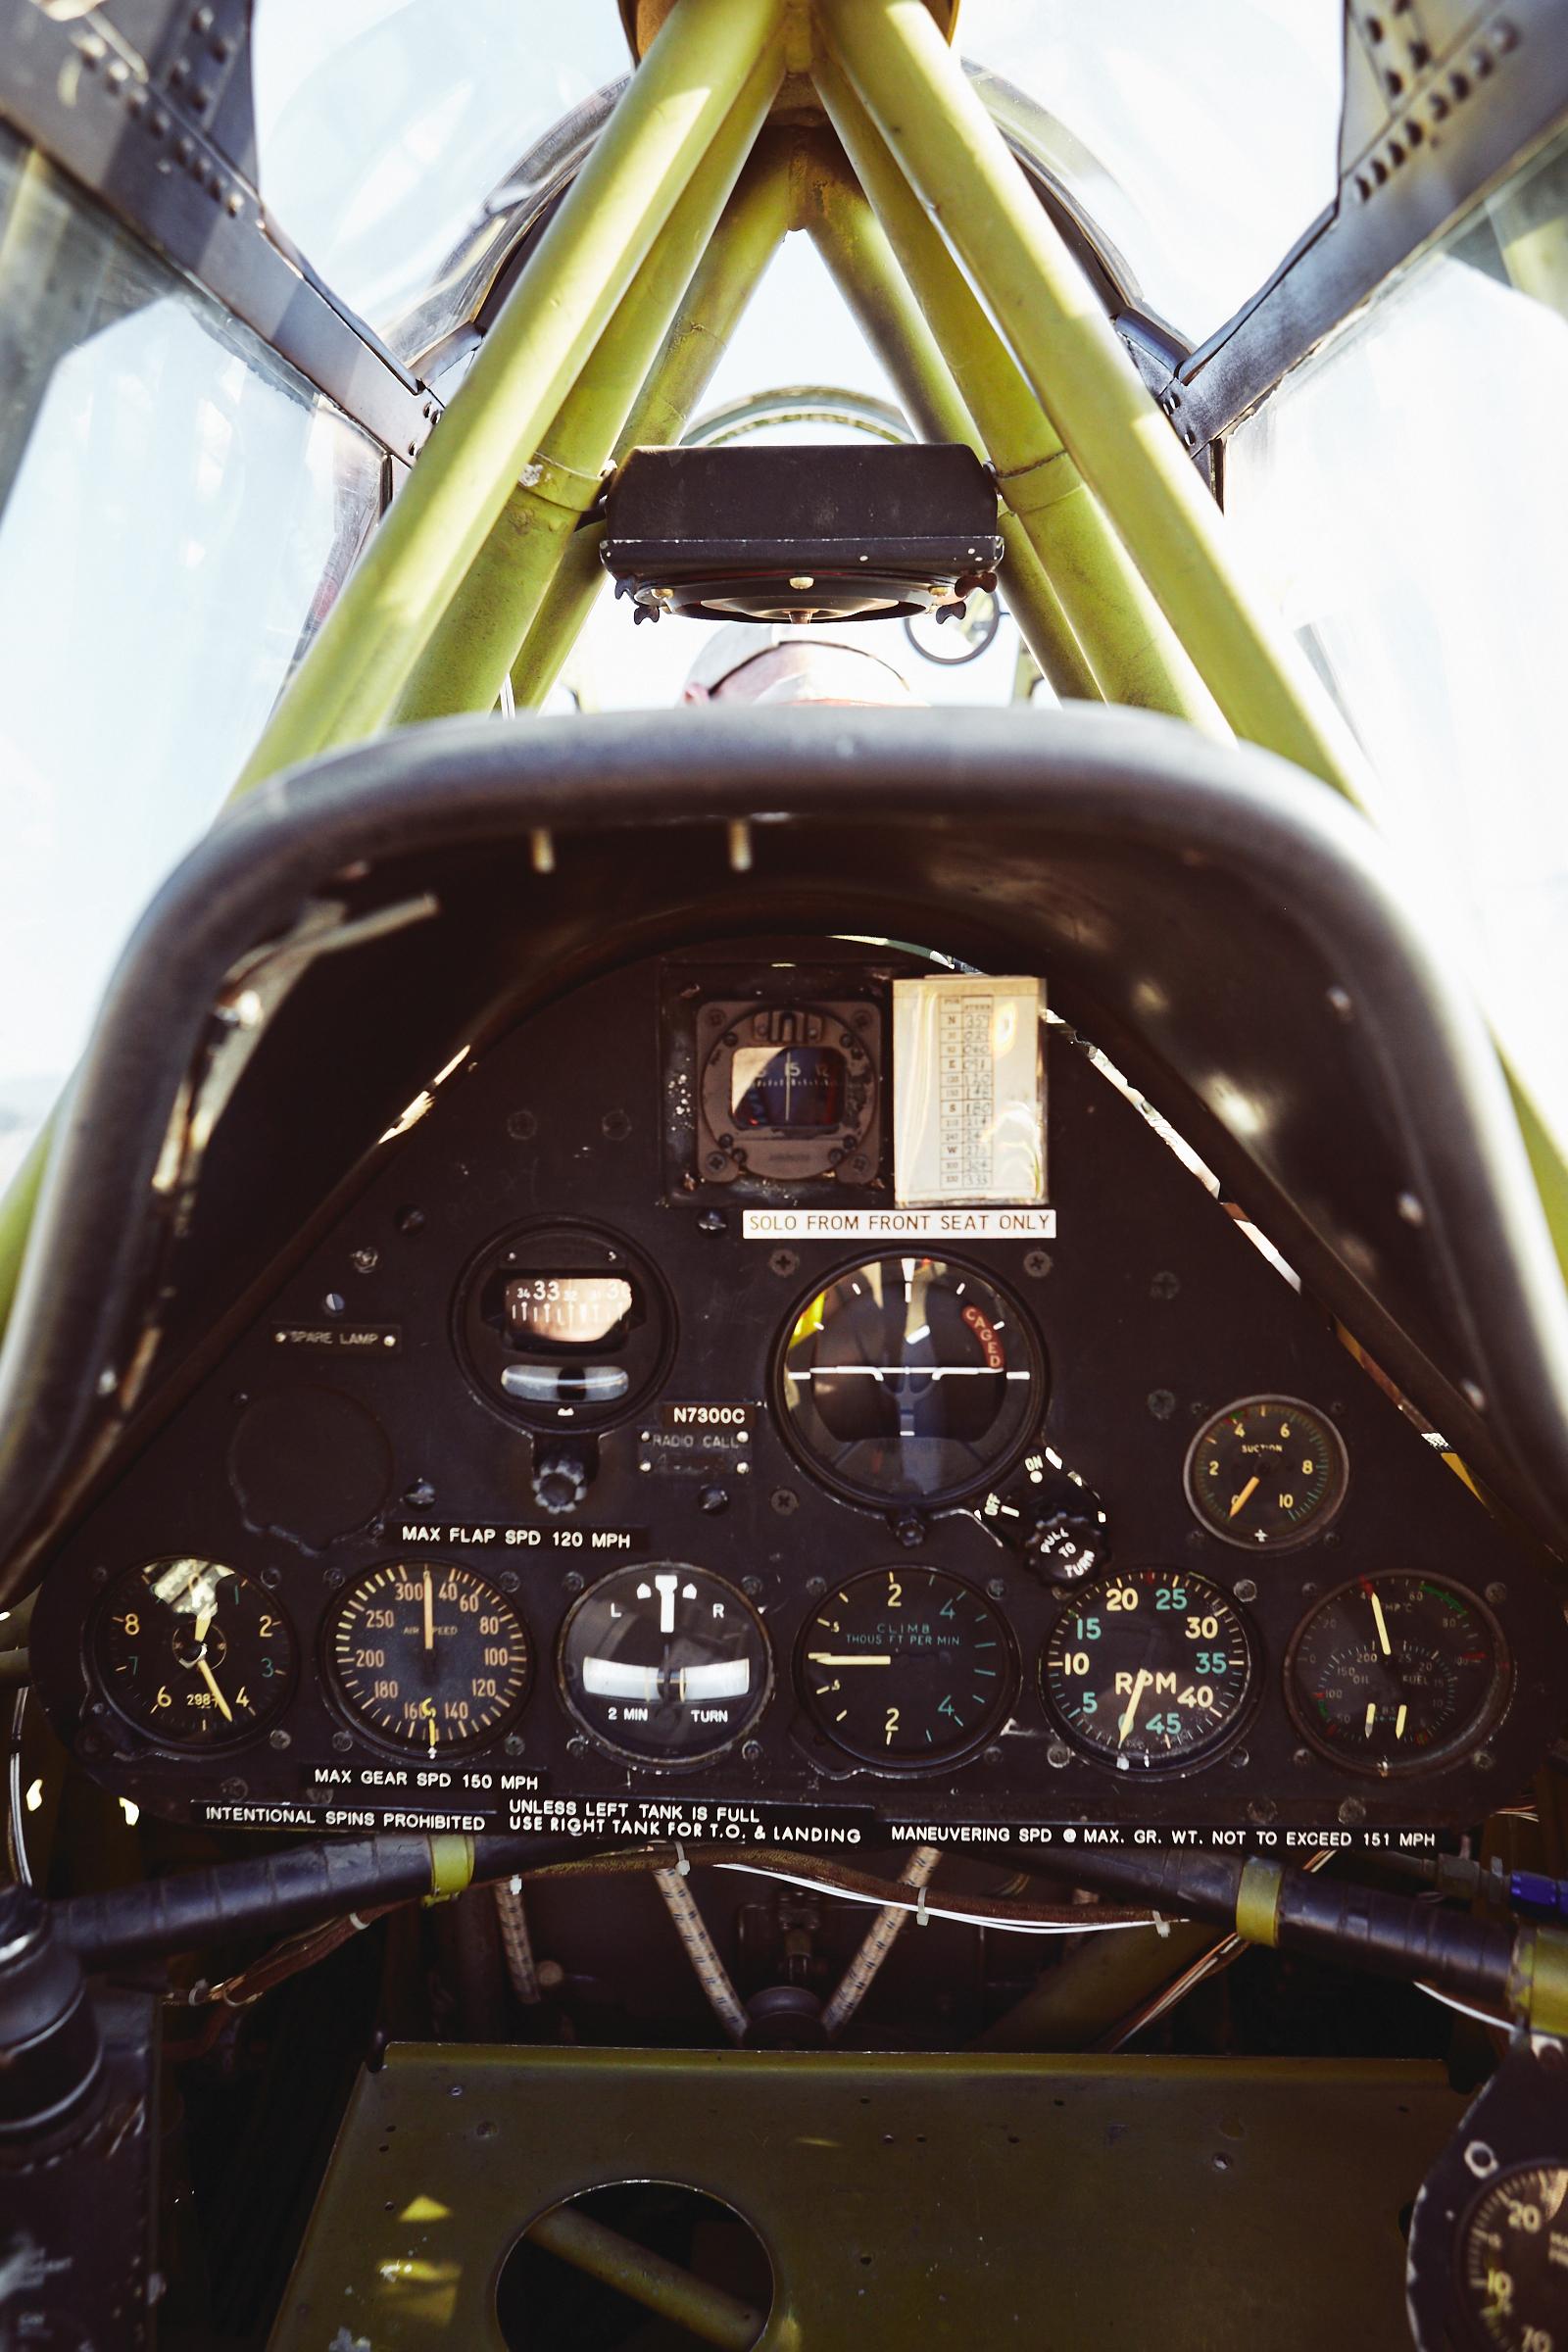 1943 SNJ-5 Harvard/Texan